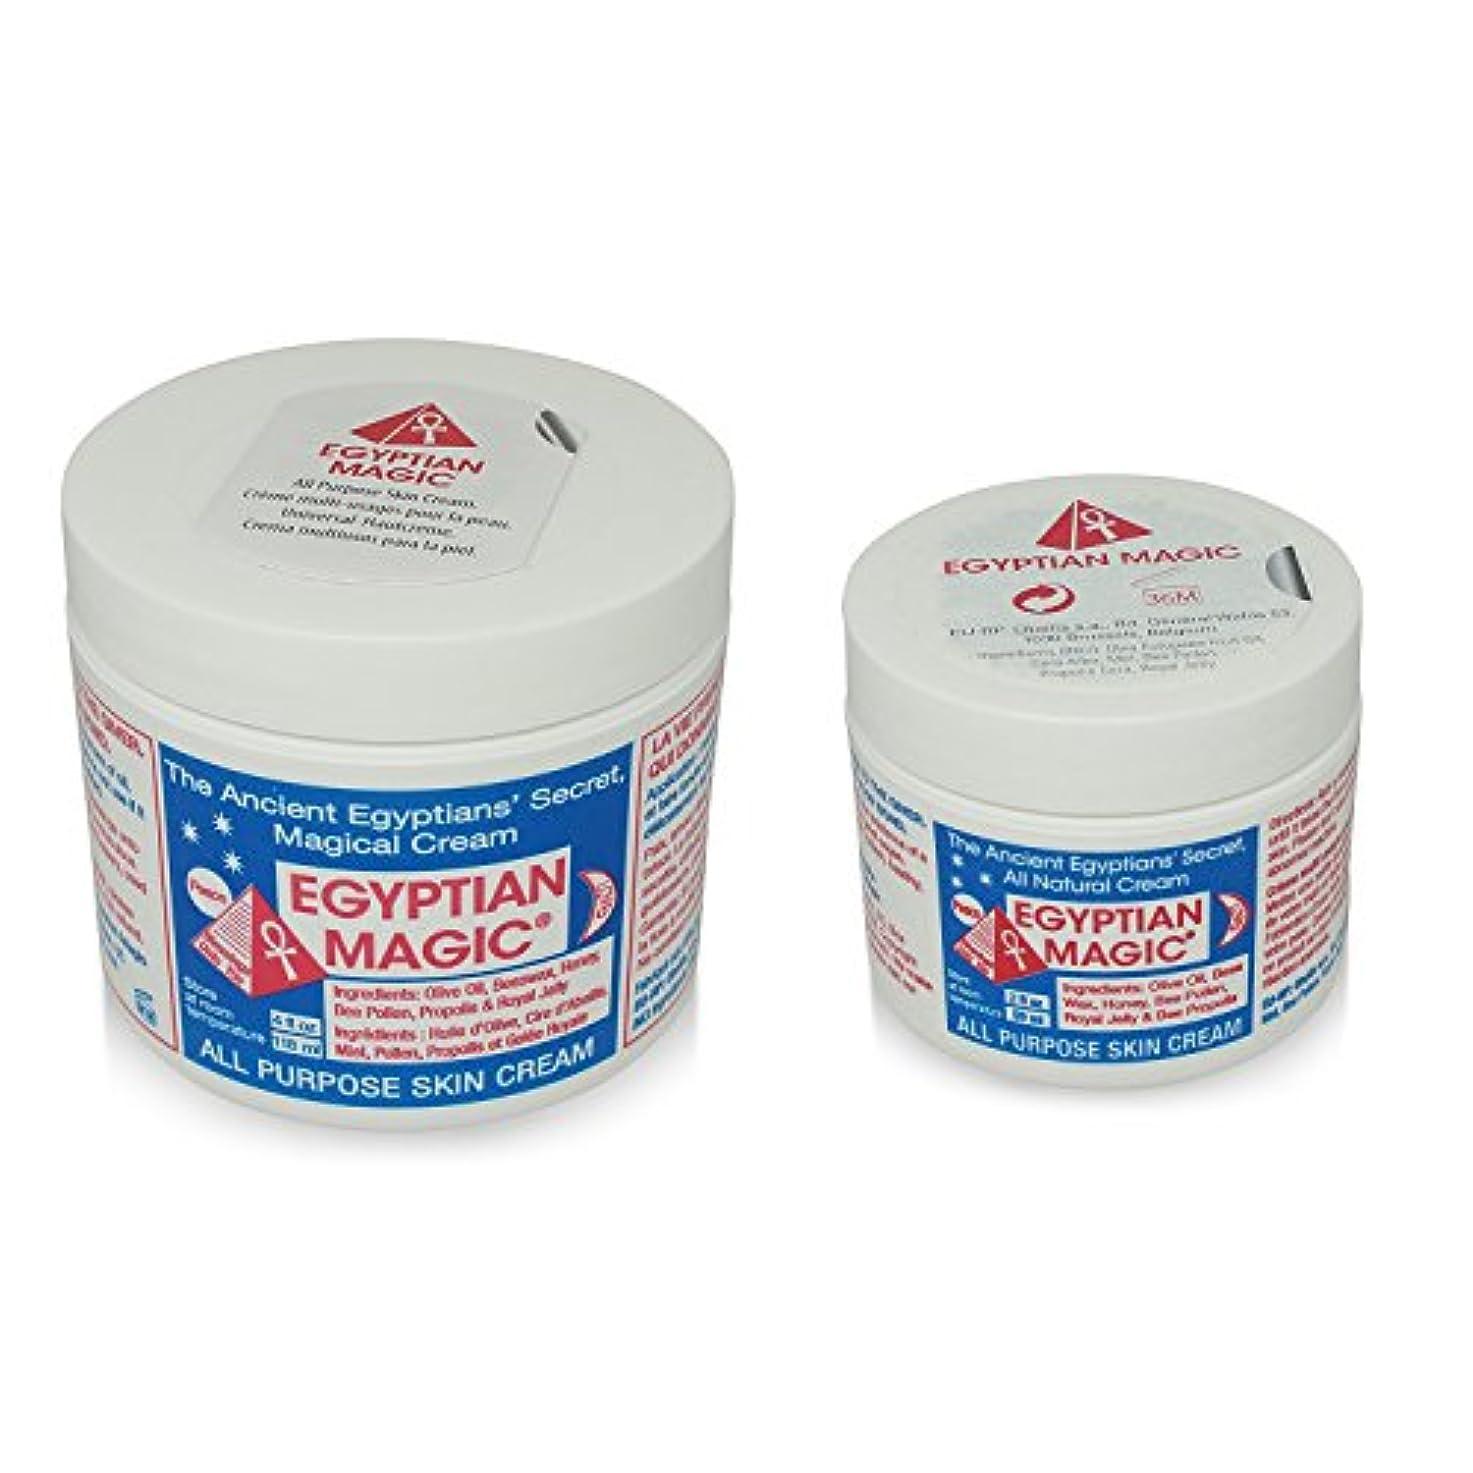 警告センチメートル孤児Egyptian Magic Skin Cream エジプシャンマジッククリーム  (118ml)と(59ml)の2個セット